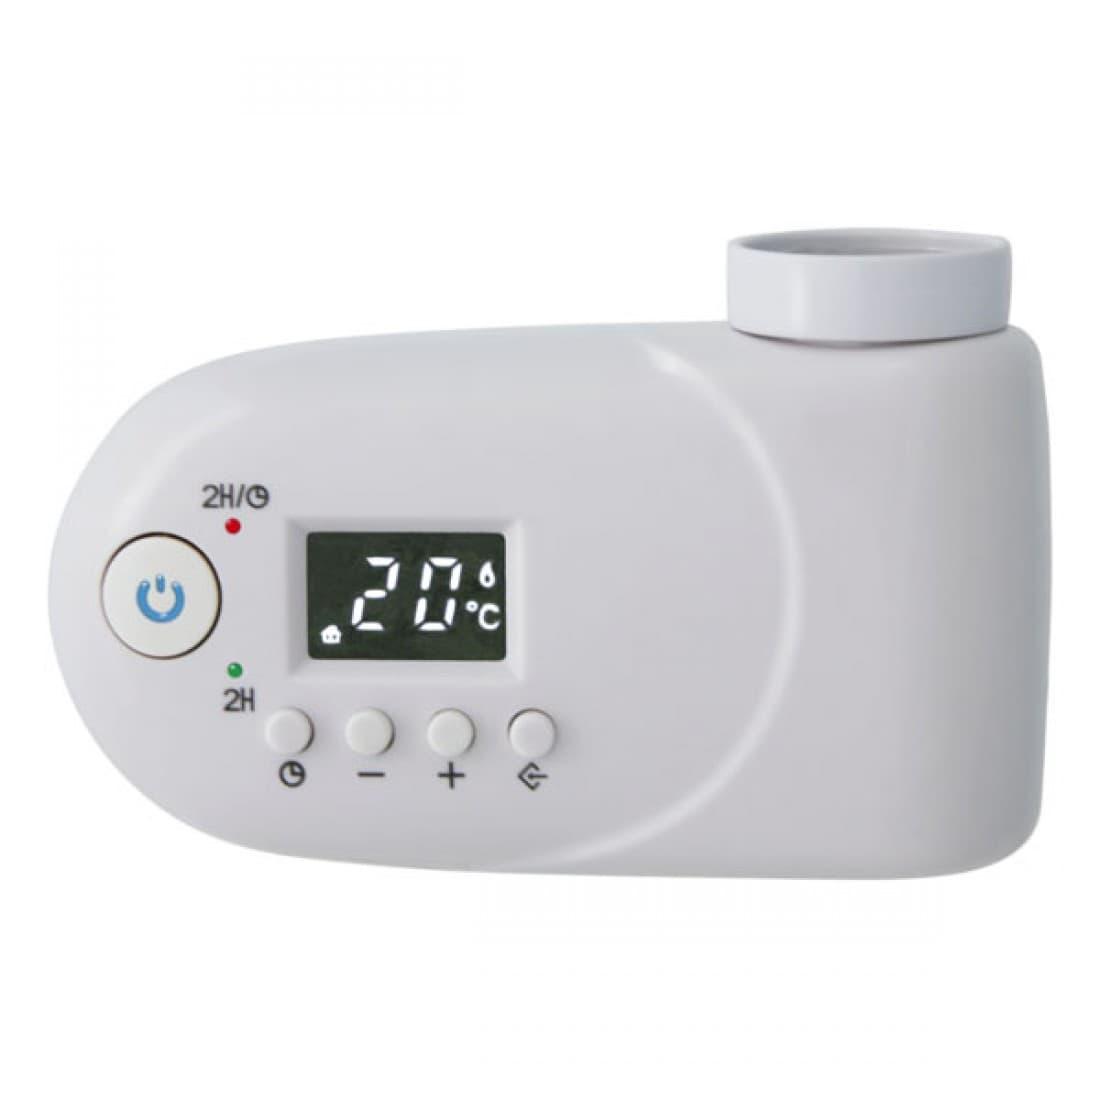 Τύπος Θερμοστάτη : Ηλεκτρονικός